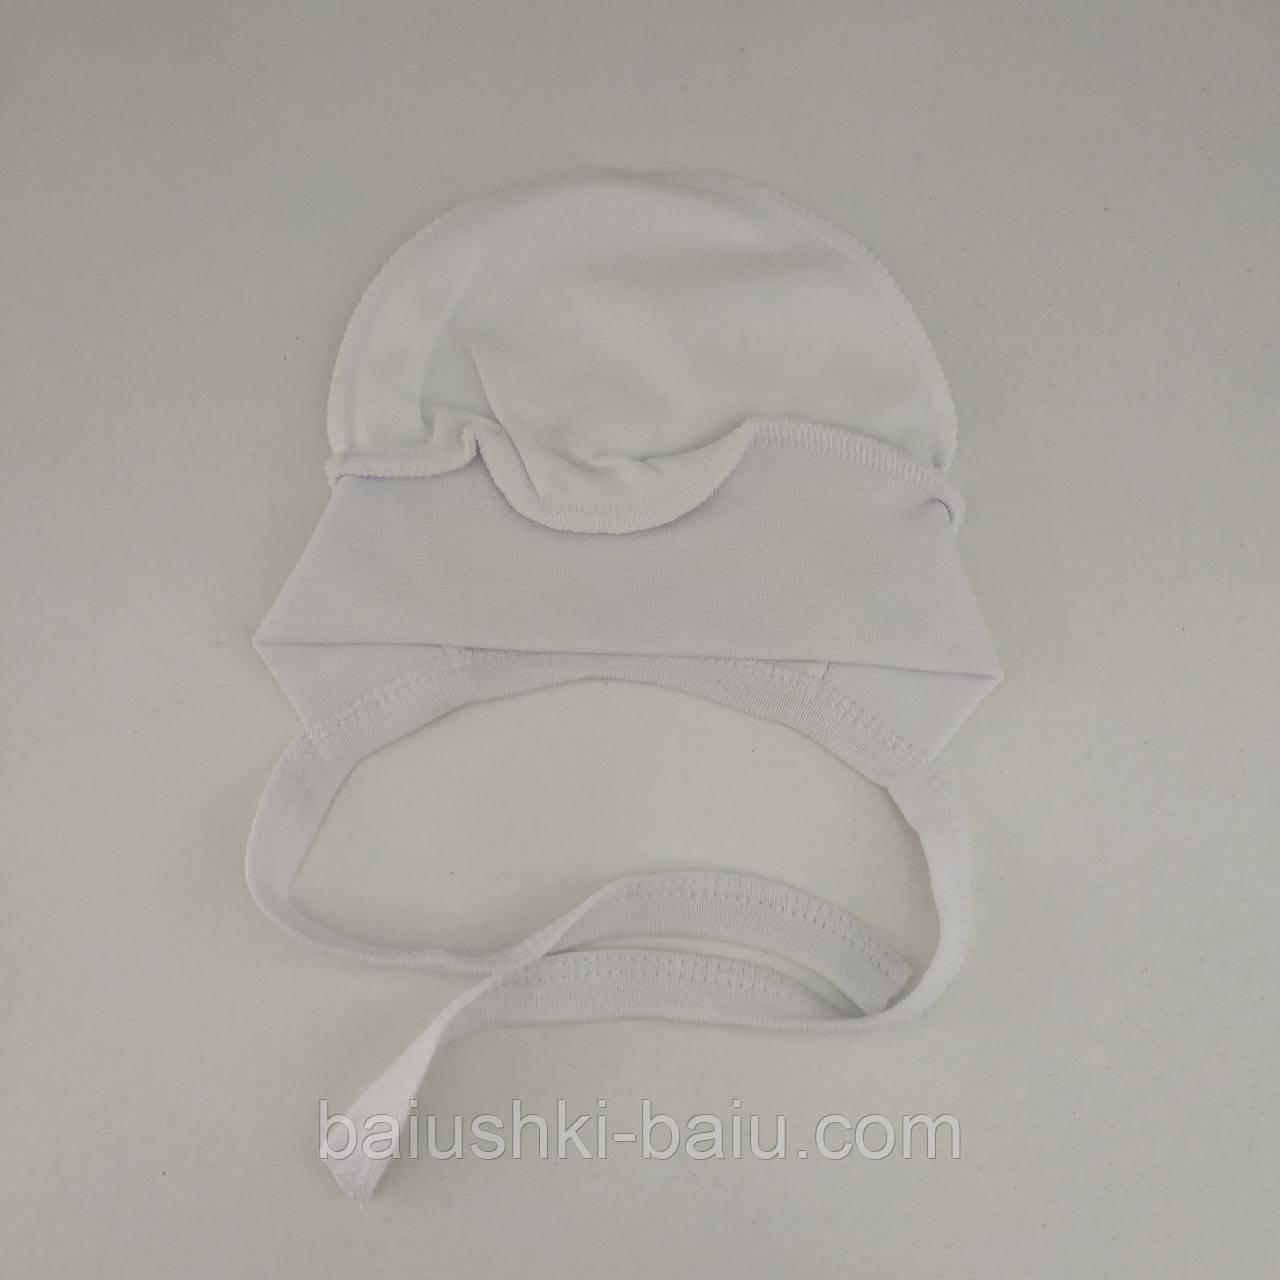 Чепчик на завязках для новорожденного (интерлок), р. 0-1 мес.